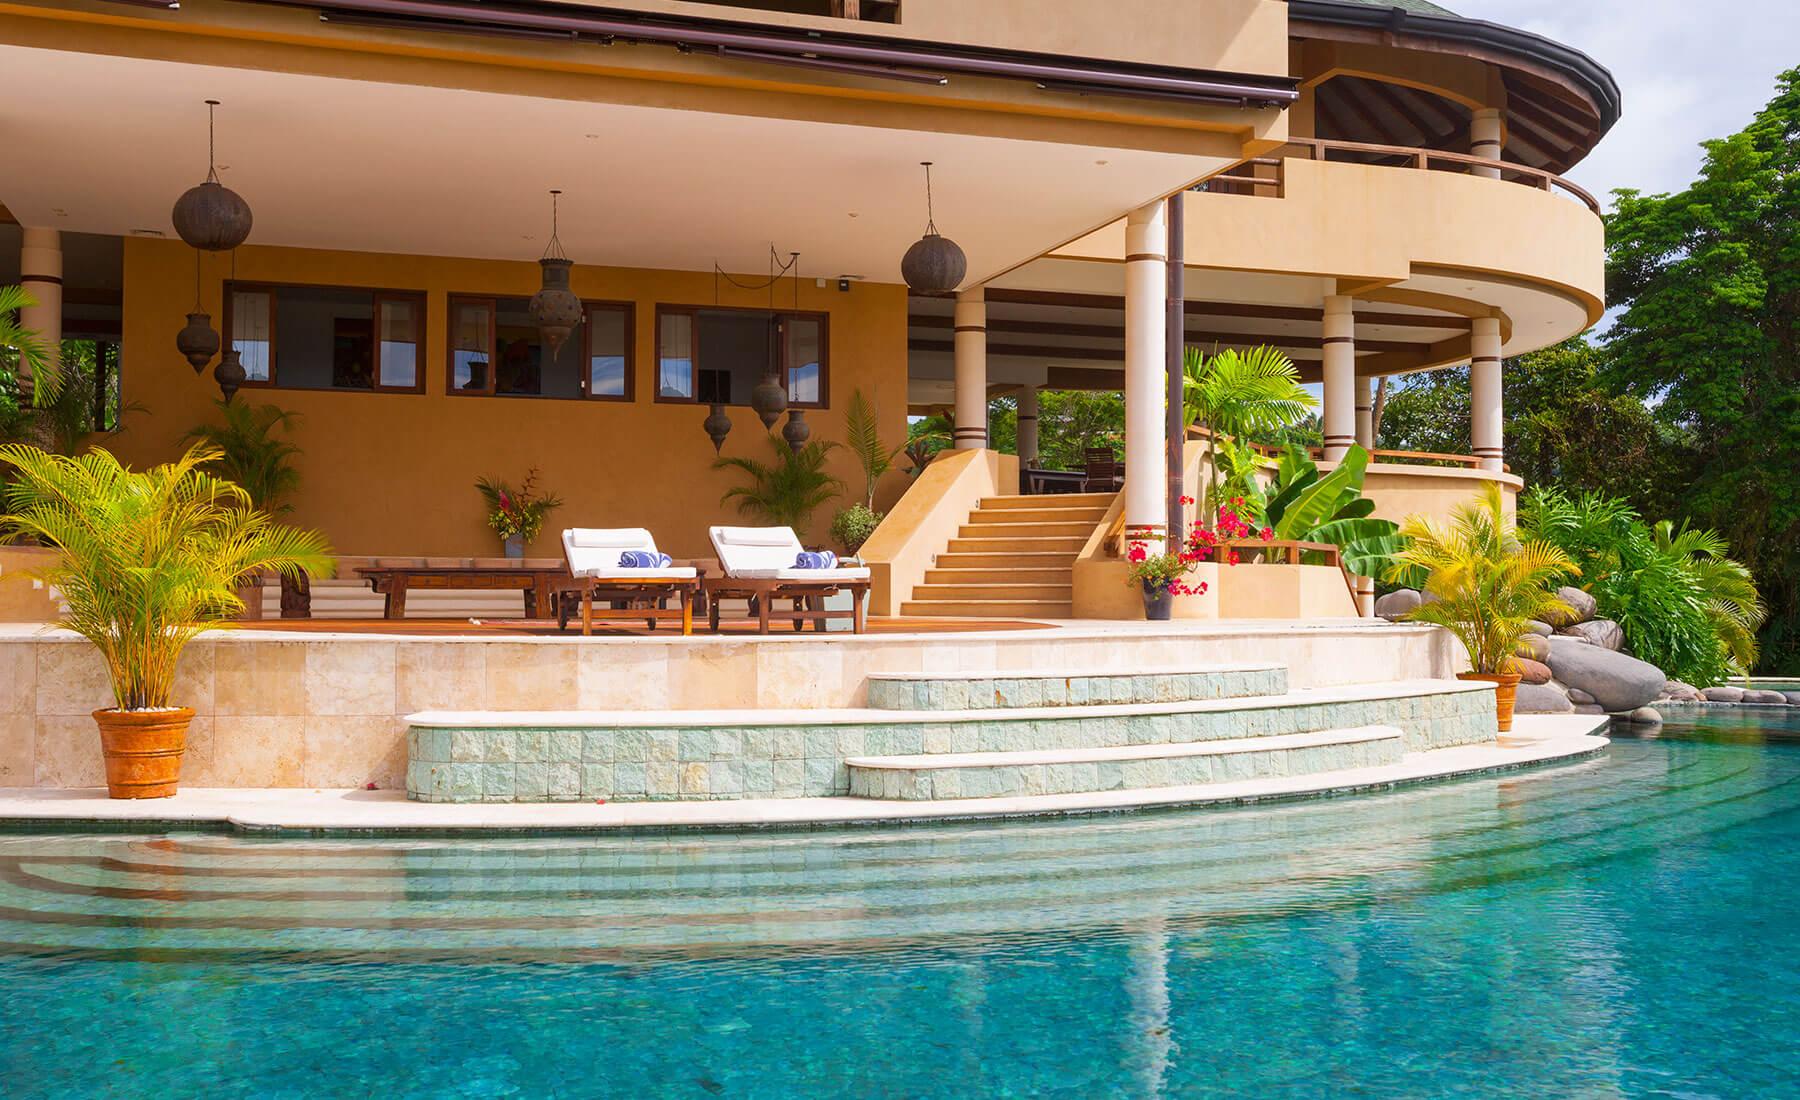 costa rica villa private pool experience